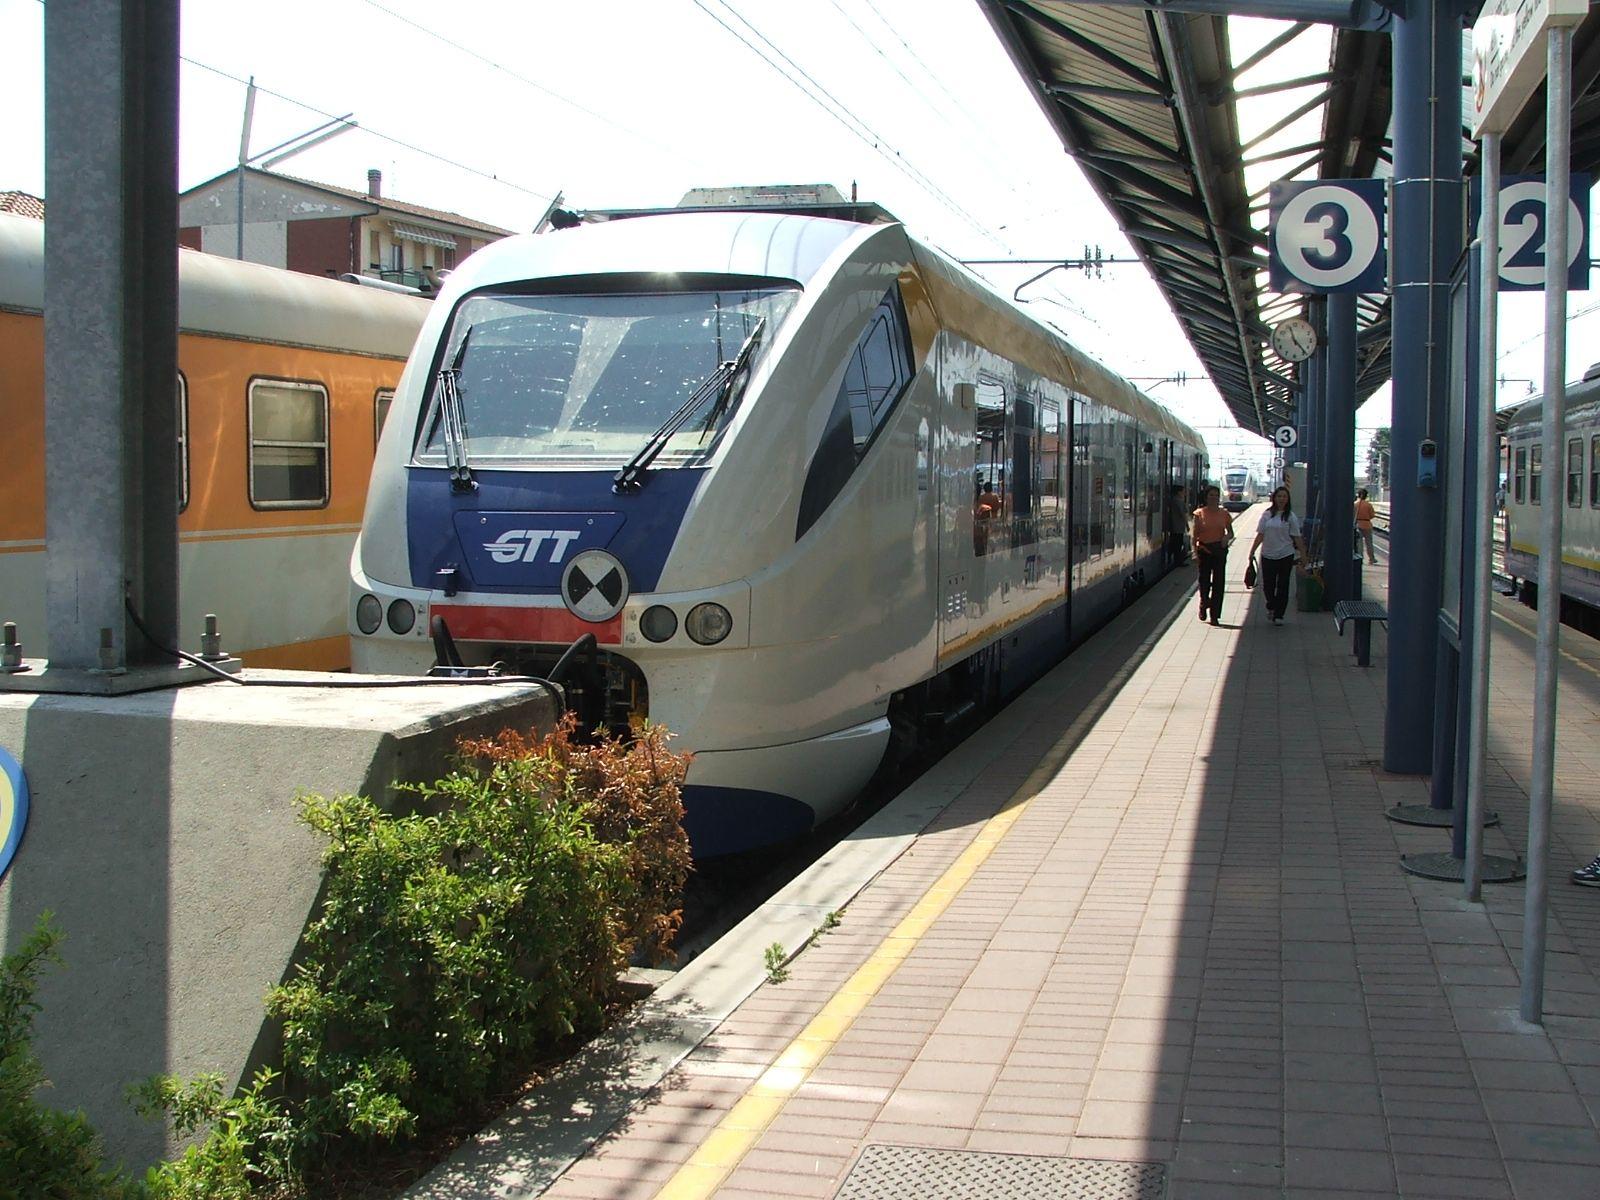 FERROVIA CANAVESANA E TORINO-CERES - Arriva l'estate, Gtt taglia i treni